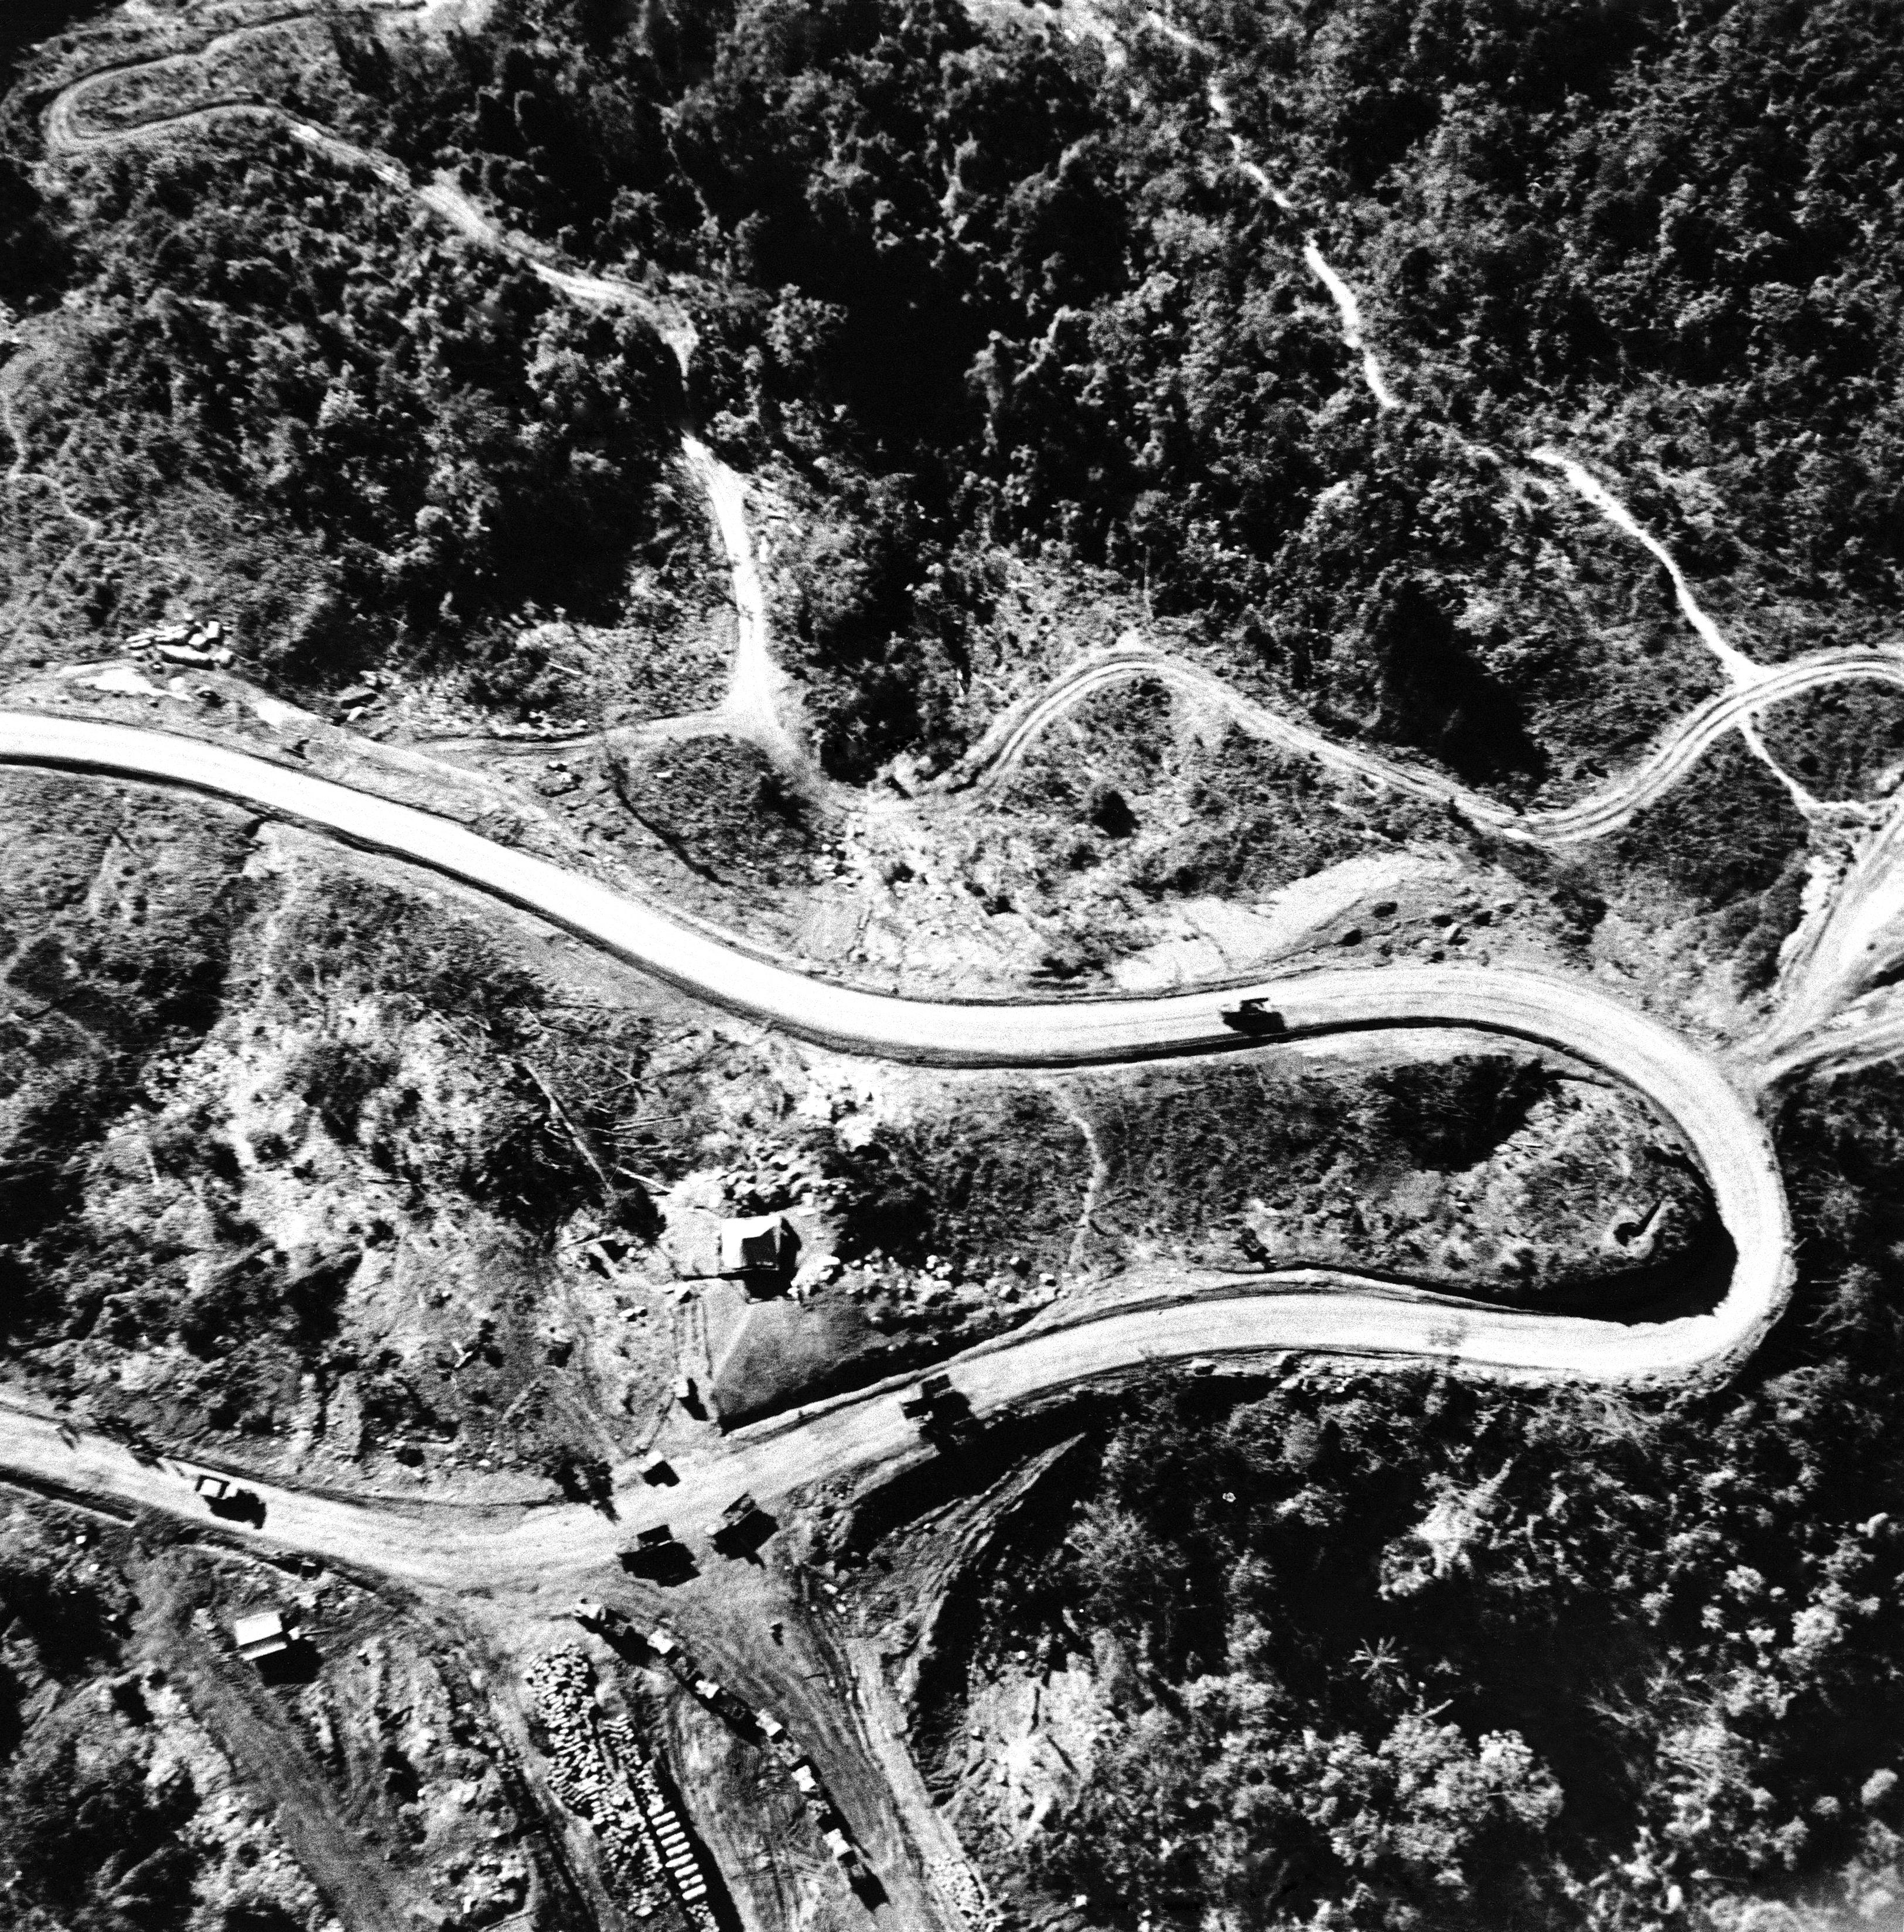 中國在抗戰期間,修築了一條滇緬公路,經緬甸接收盟國物資,圖為車隊行經崇山峻嶺中。(美聯社)